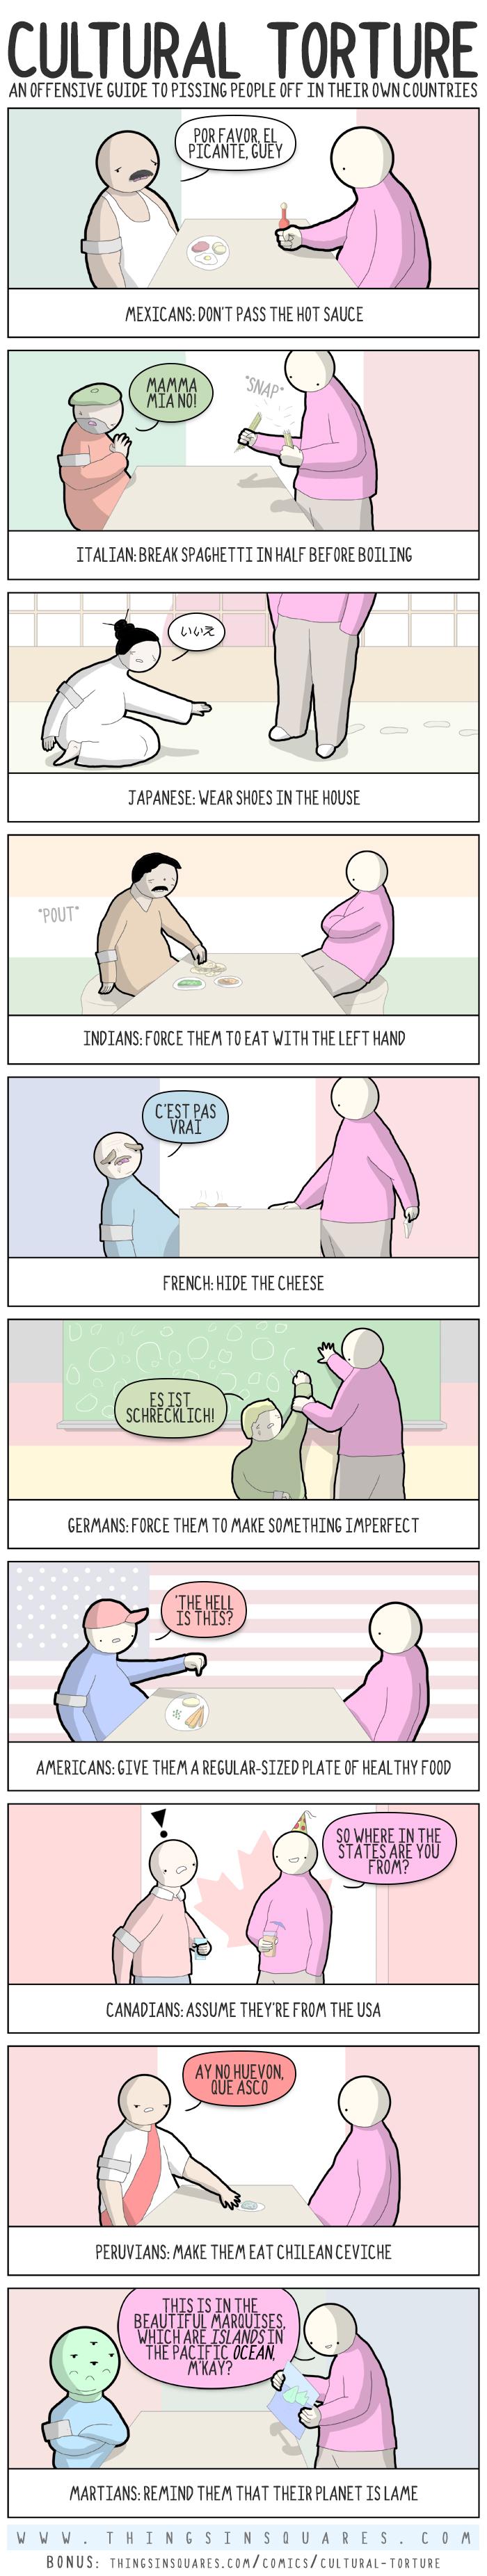 Cultural Torture Comics